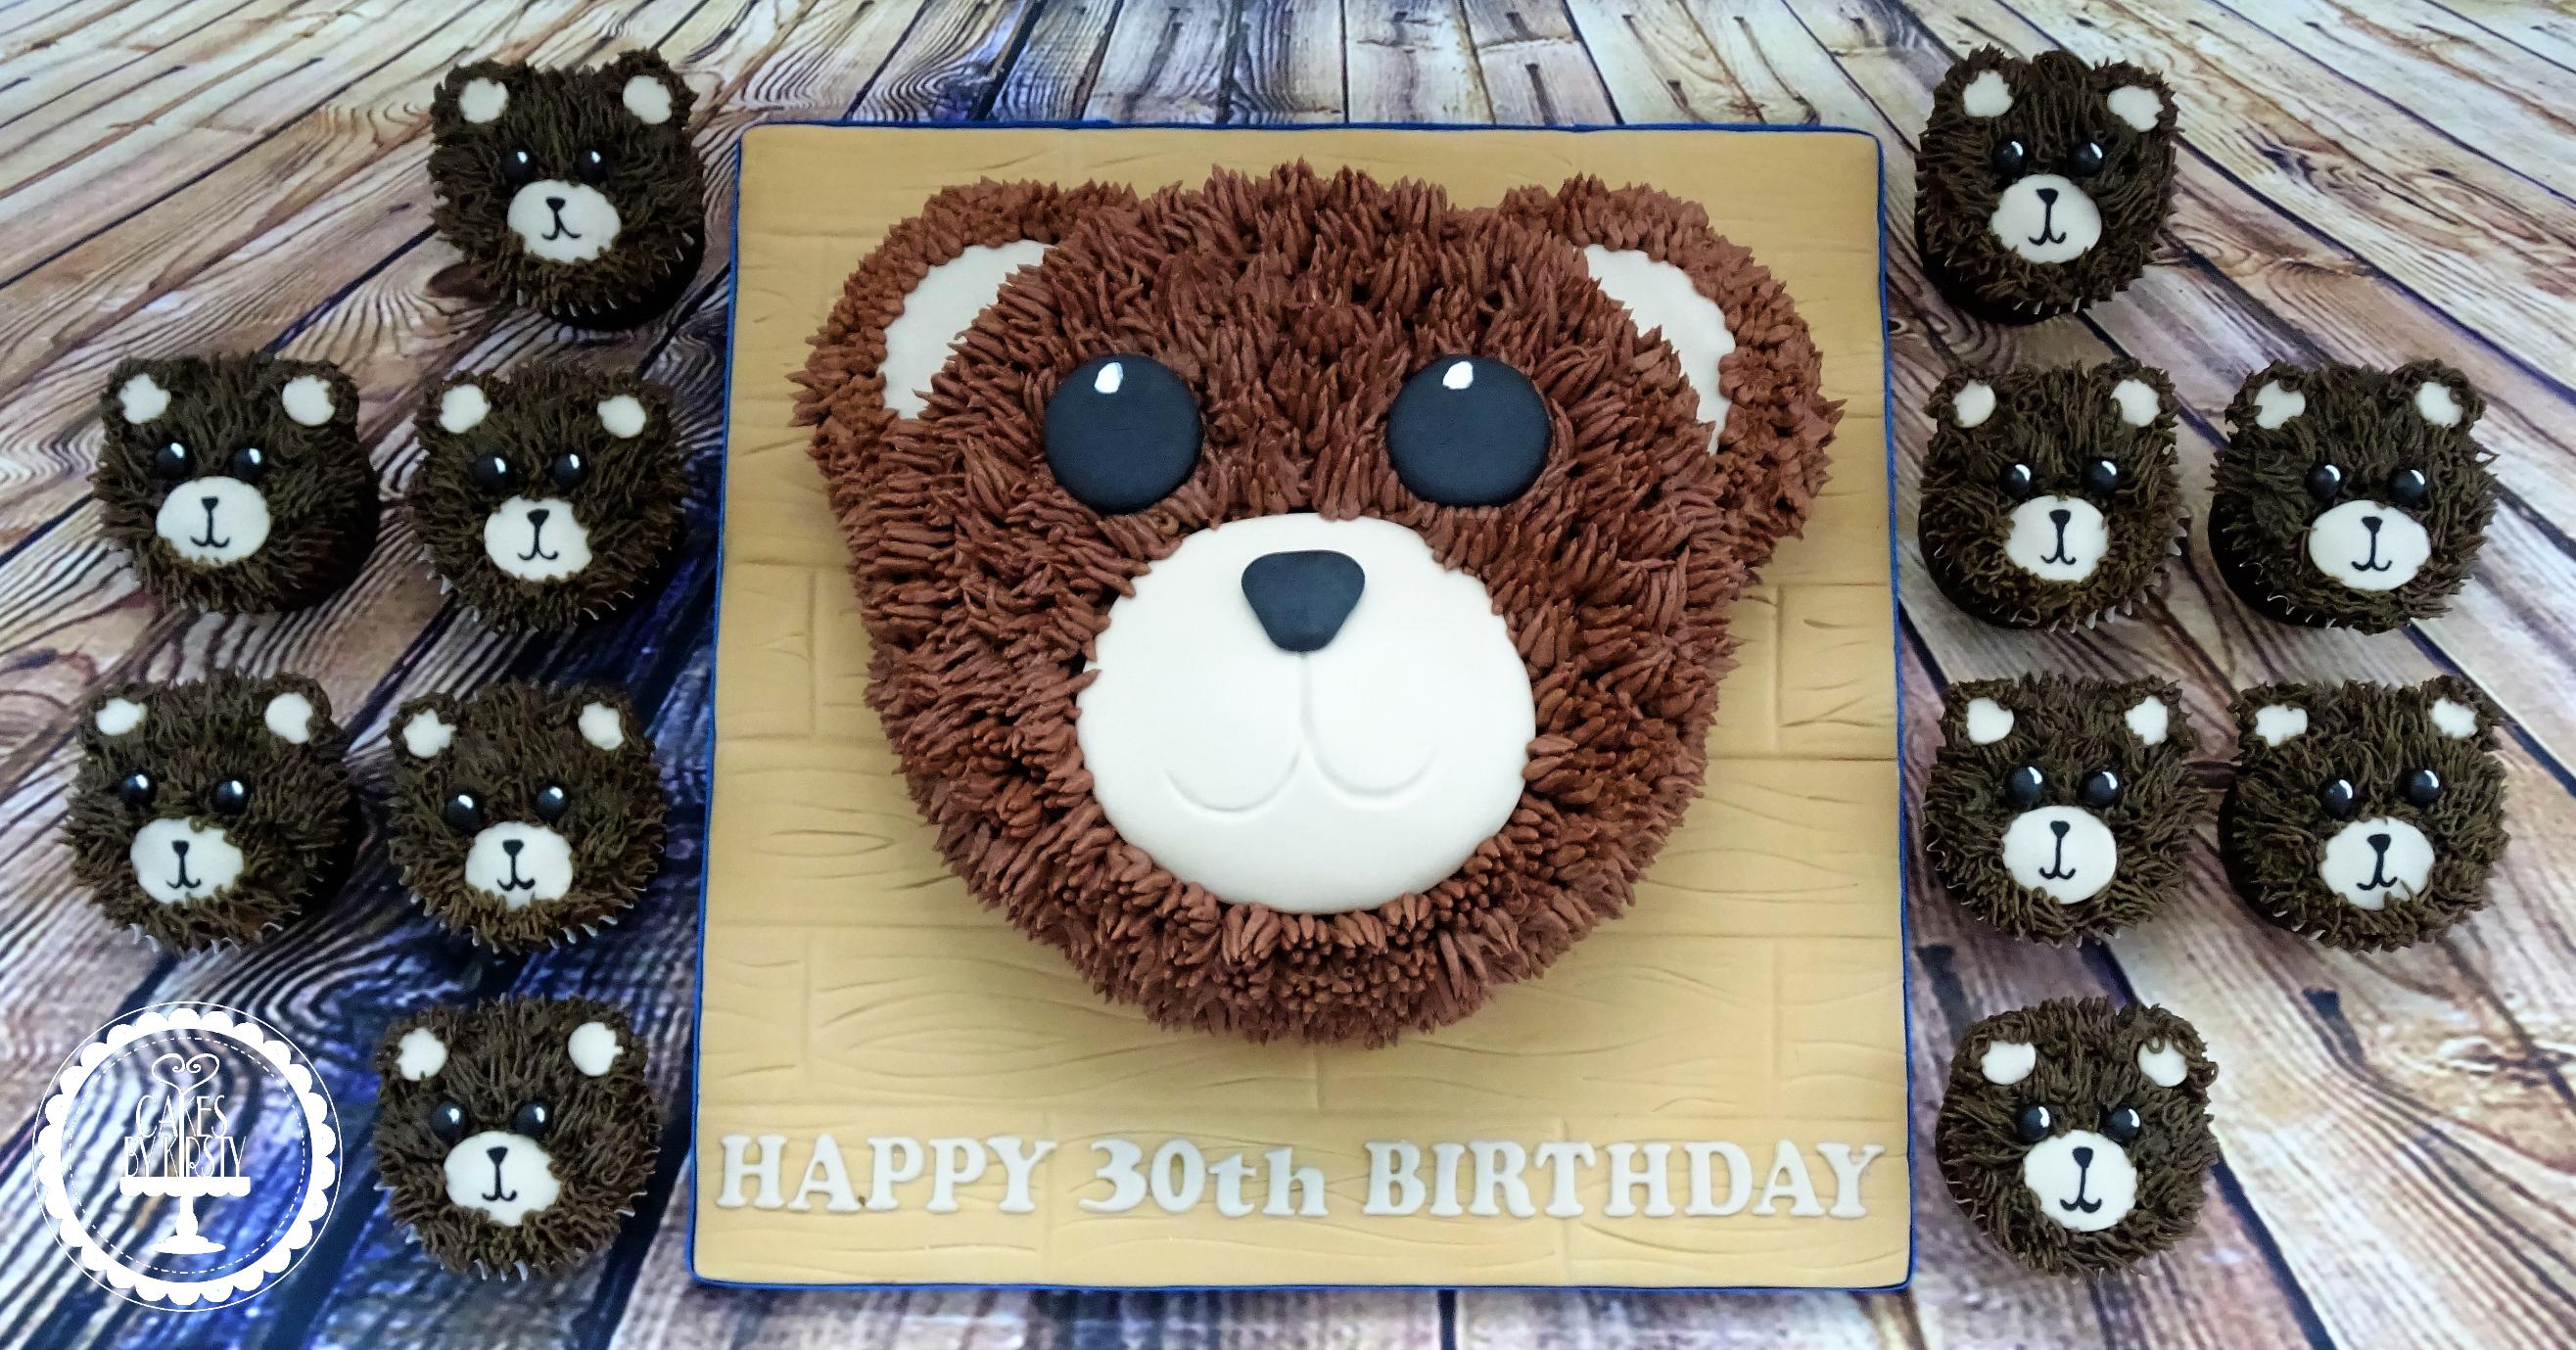 Teddy Bear Cake & Cupcakes